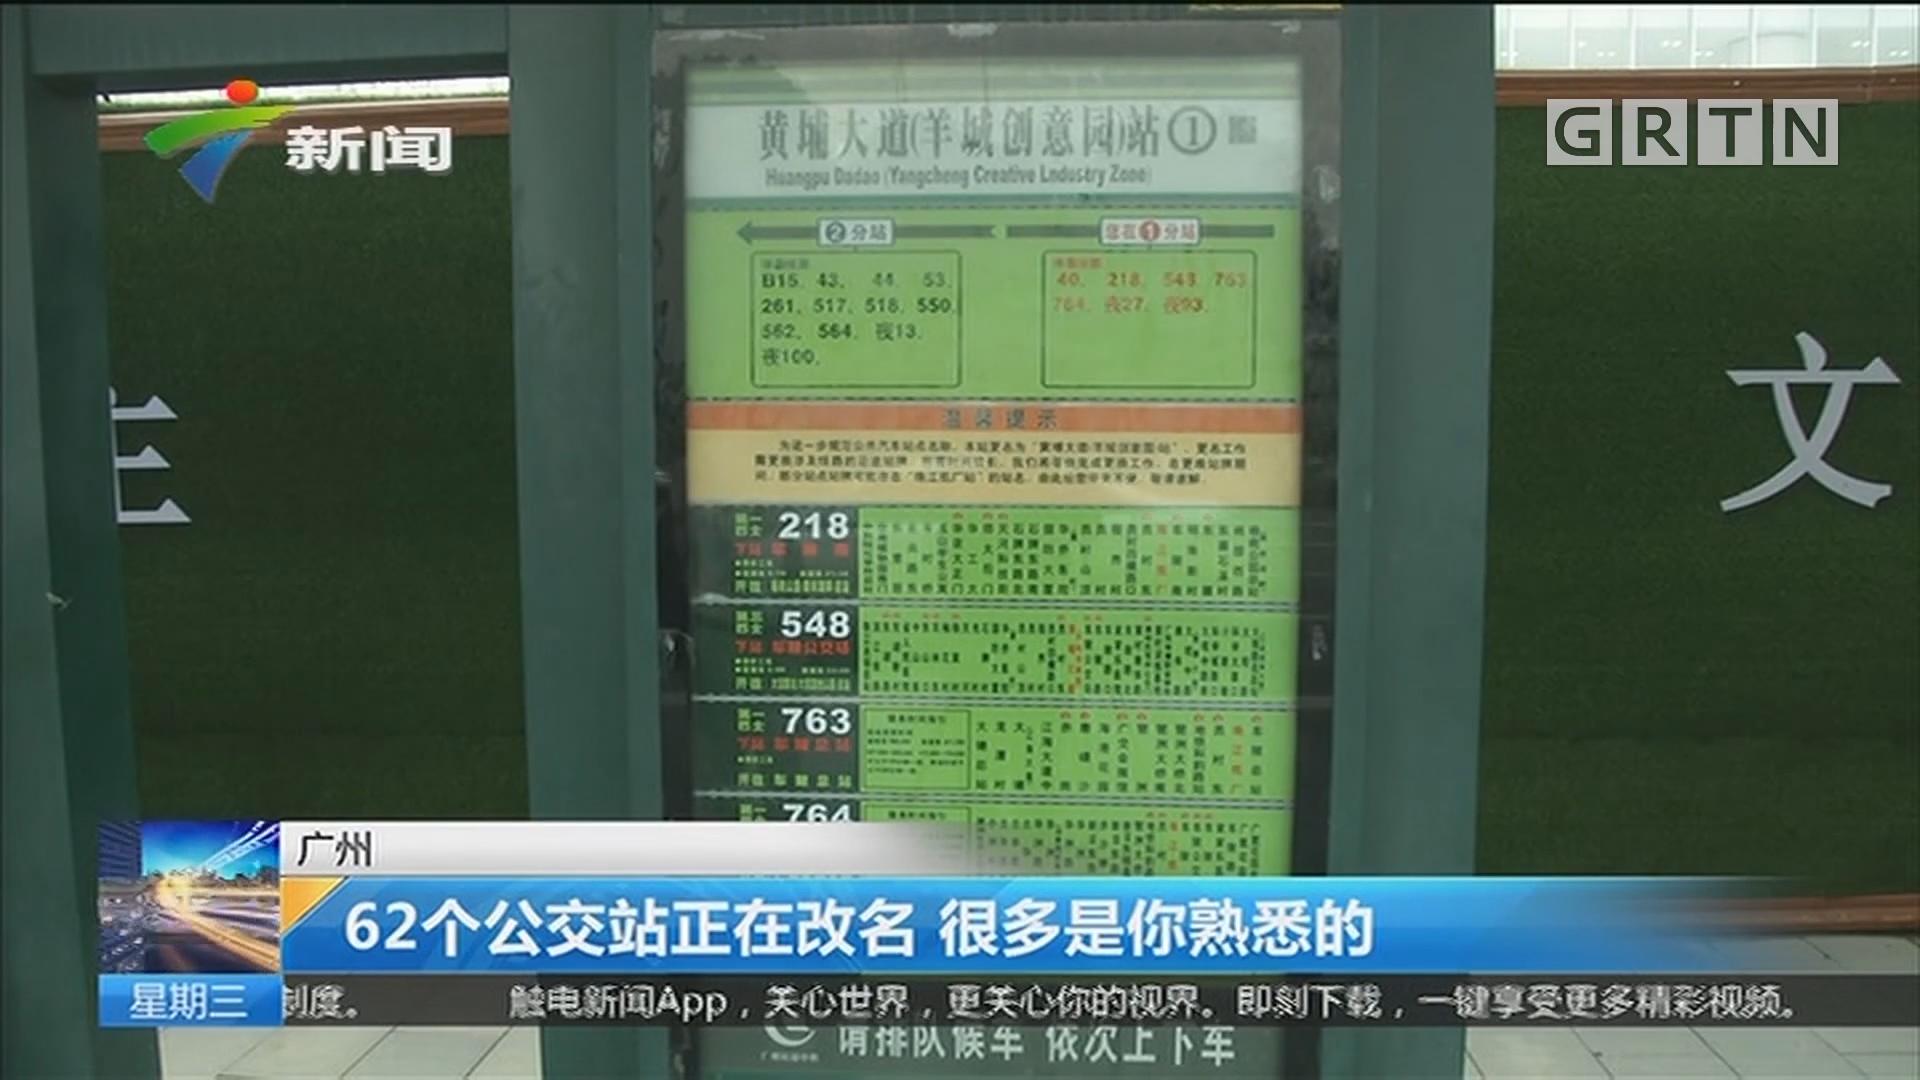 广州:62个公交站正在改名 很多是你熟悉的